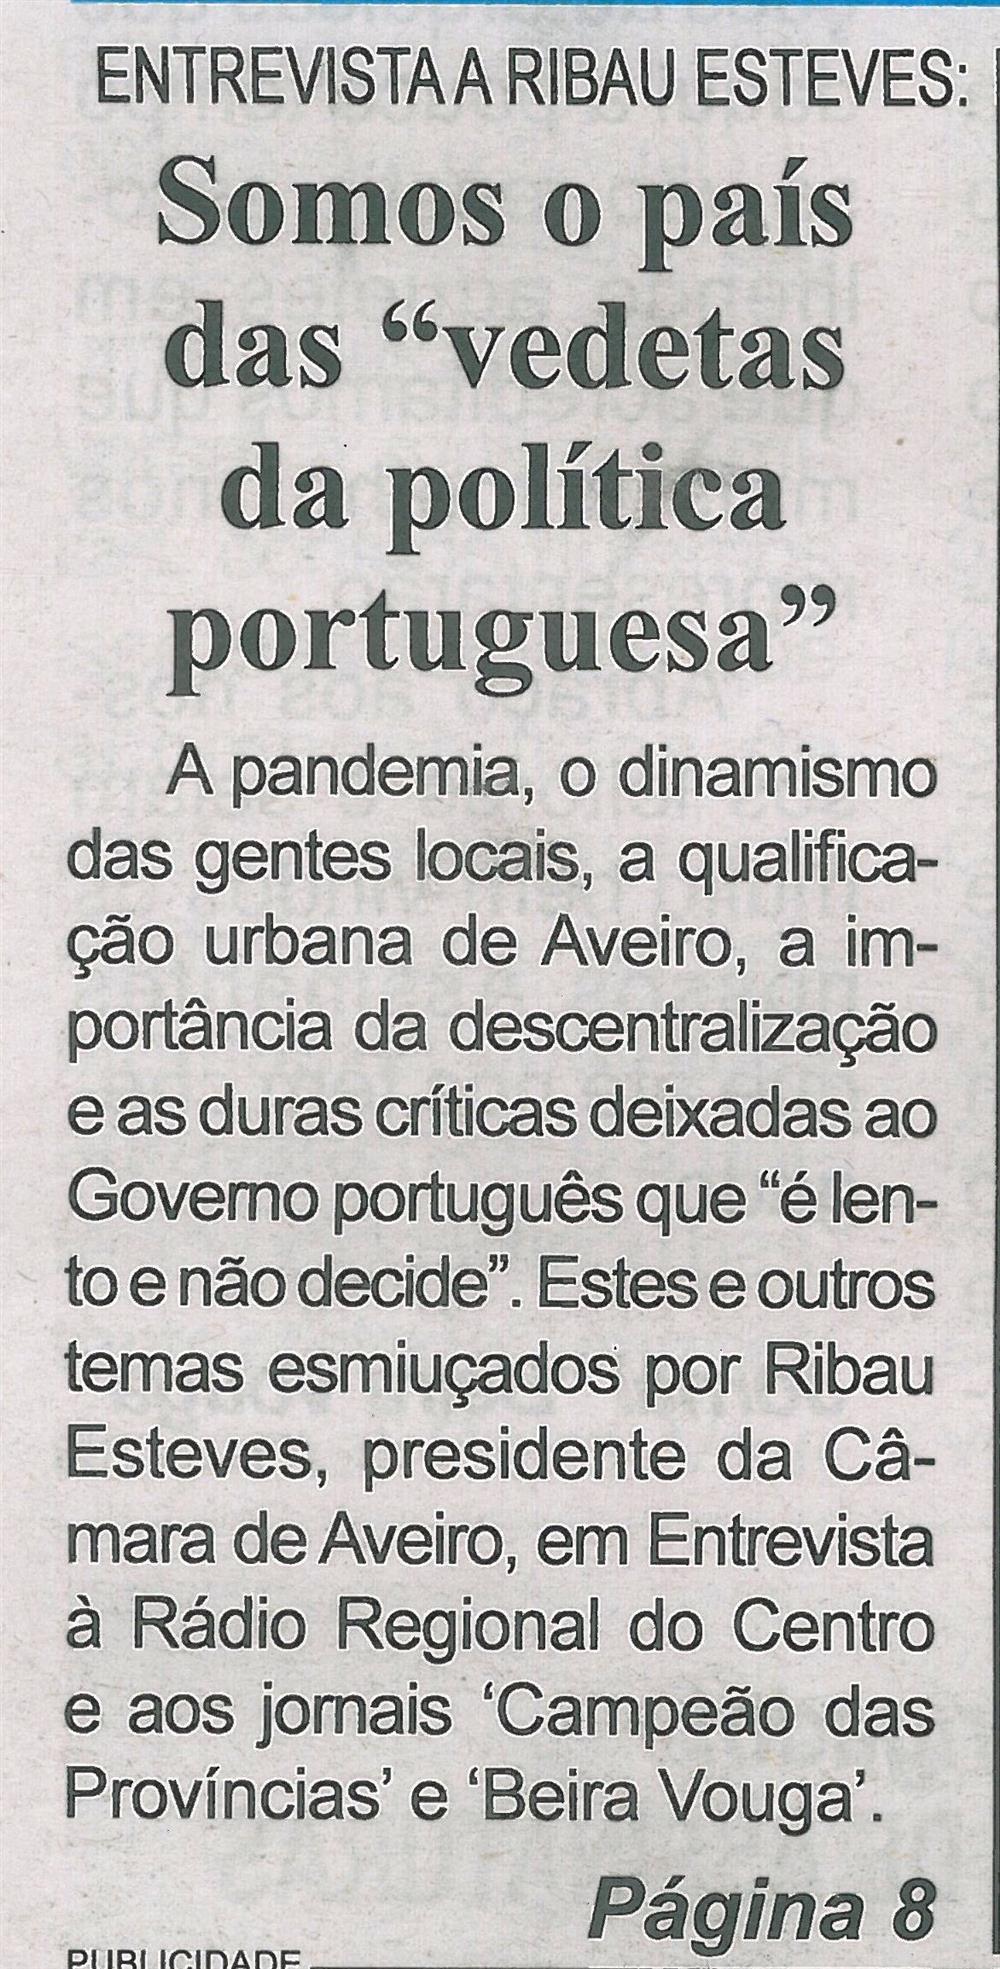 BV-1.ªmaio'21-p.1-Entrevista a Ribau Esteves : somos o país das vedetas da política portuguesa.jpg